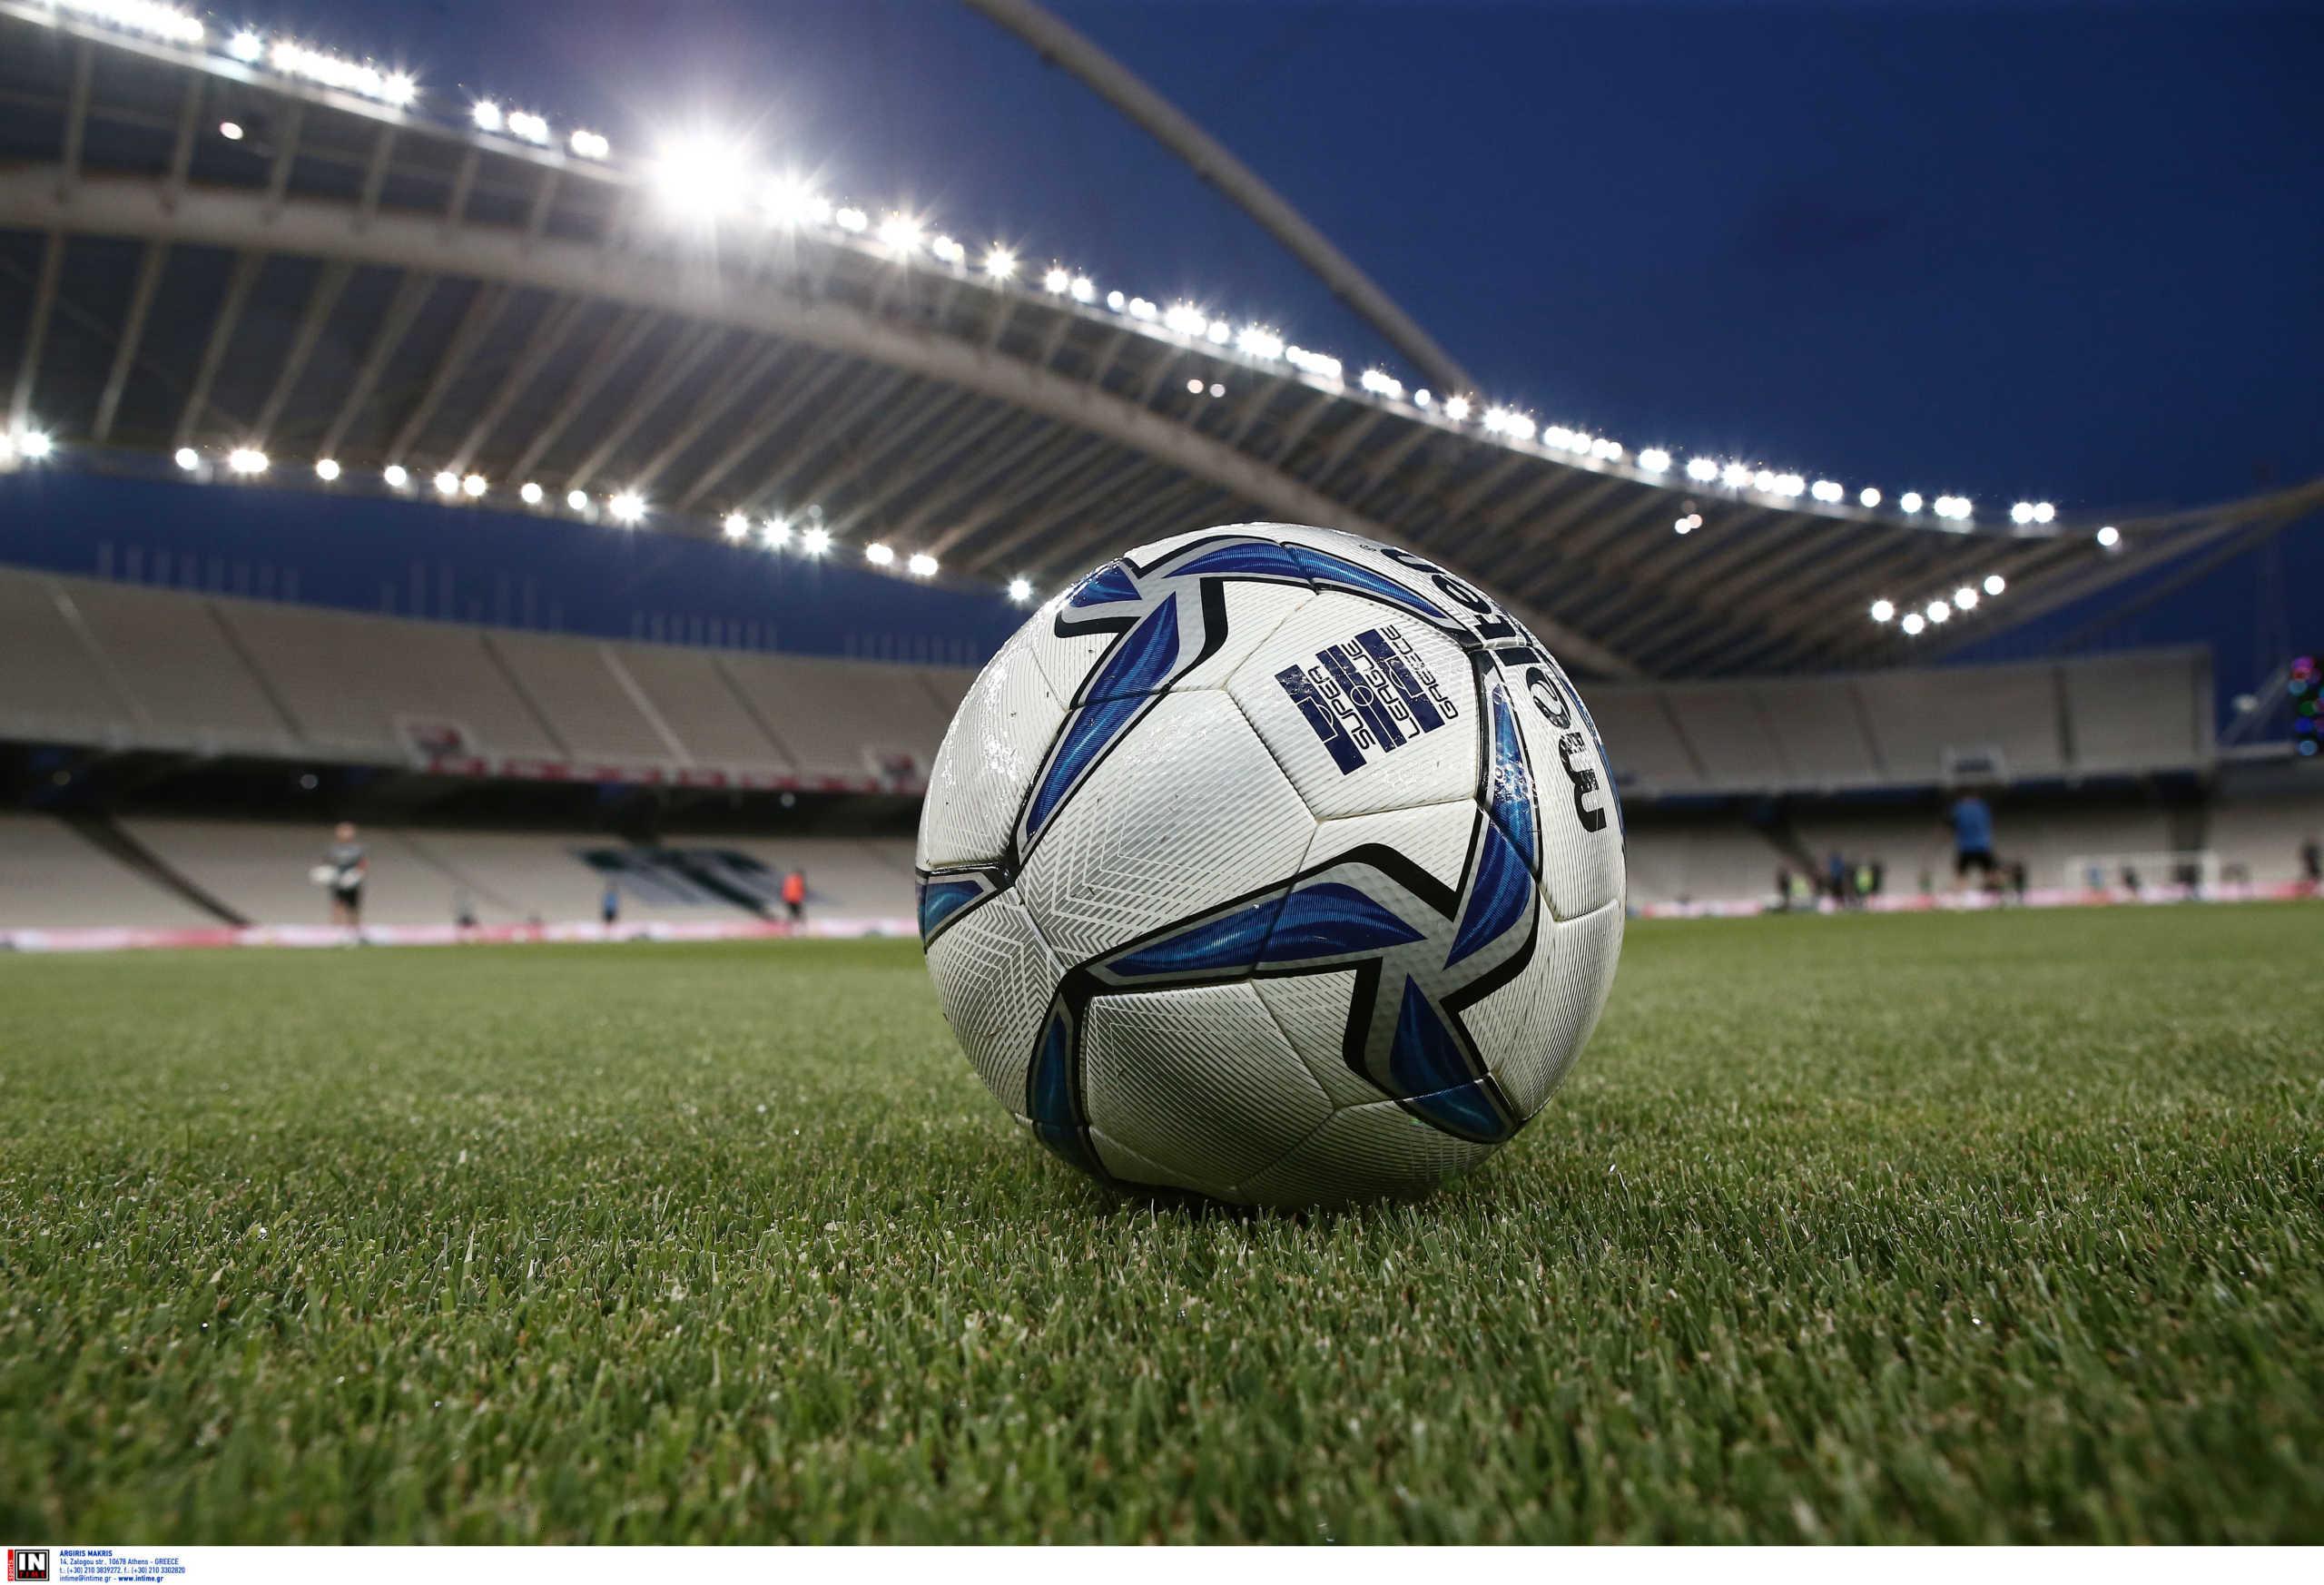 Παρουσιάζεται την Τρίτη (17/11) στον Μητσοτάκη η μελέτη FIFA/UEFA για το ελληνικό ποδόσφαιρο